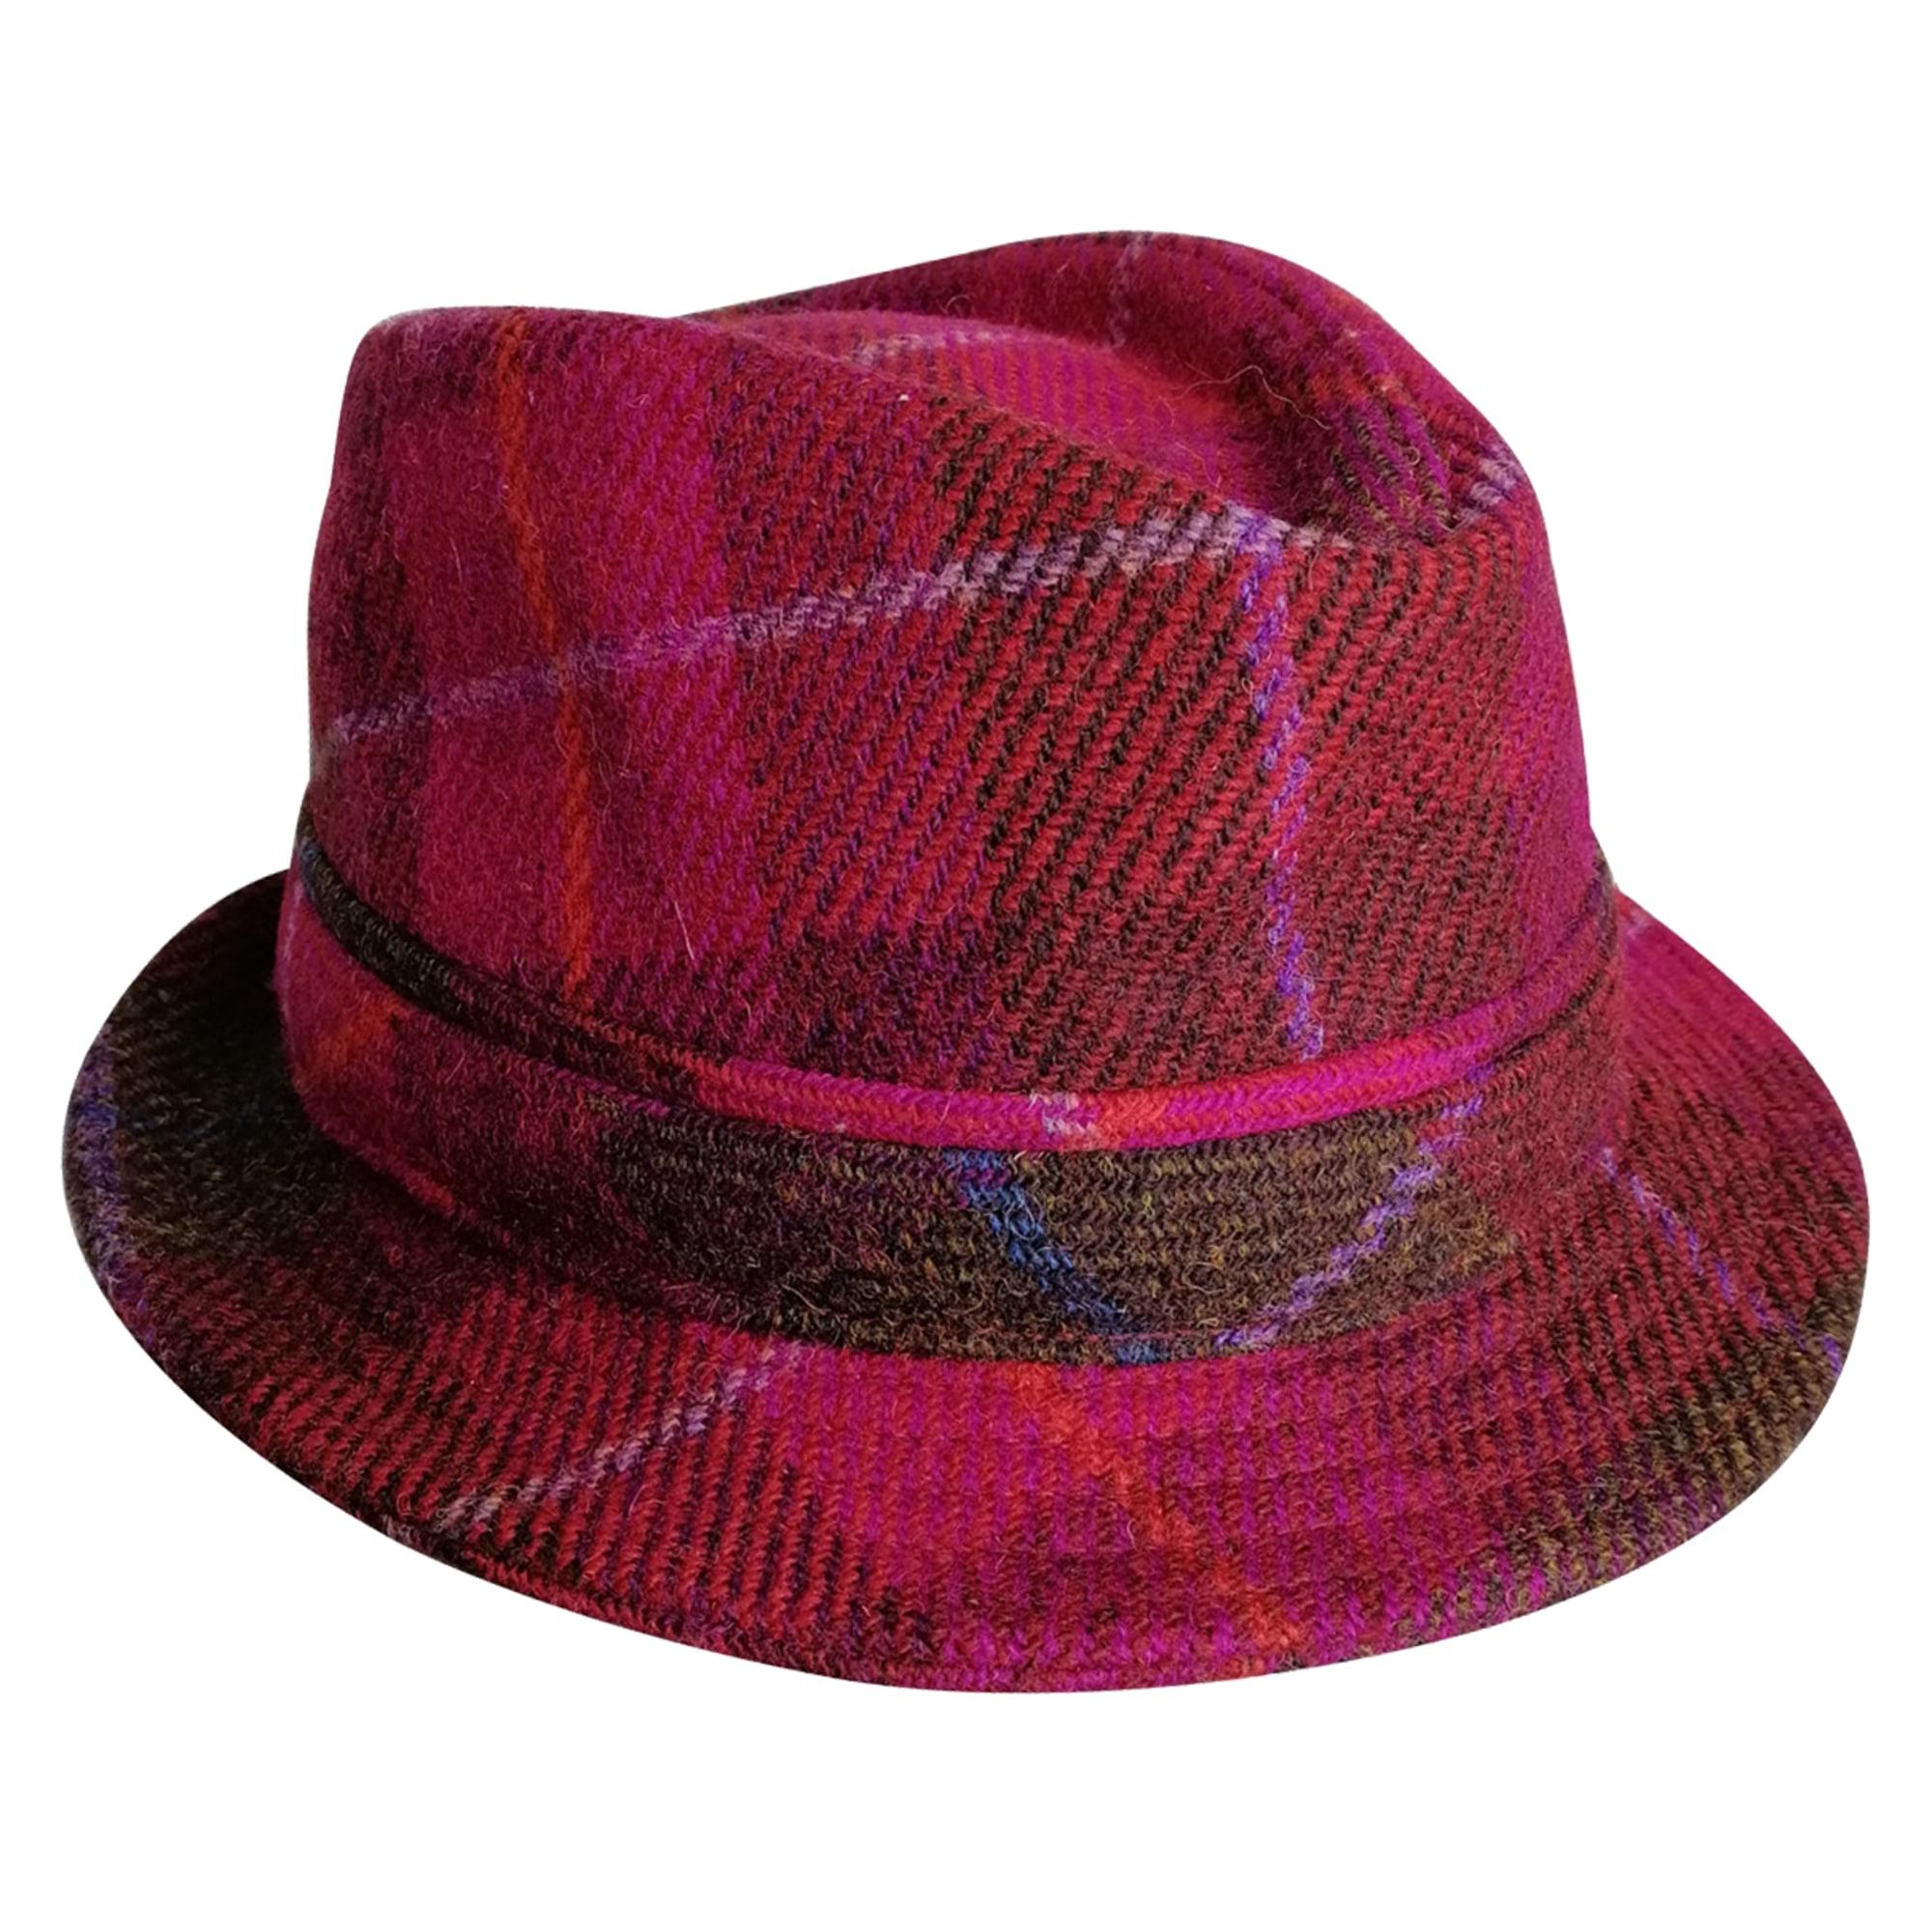 Chapeau HARRIS TWEED Rouge, bordeaux